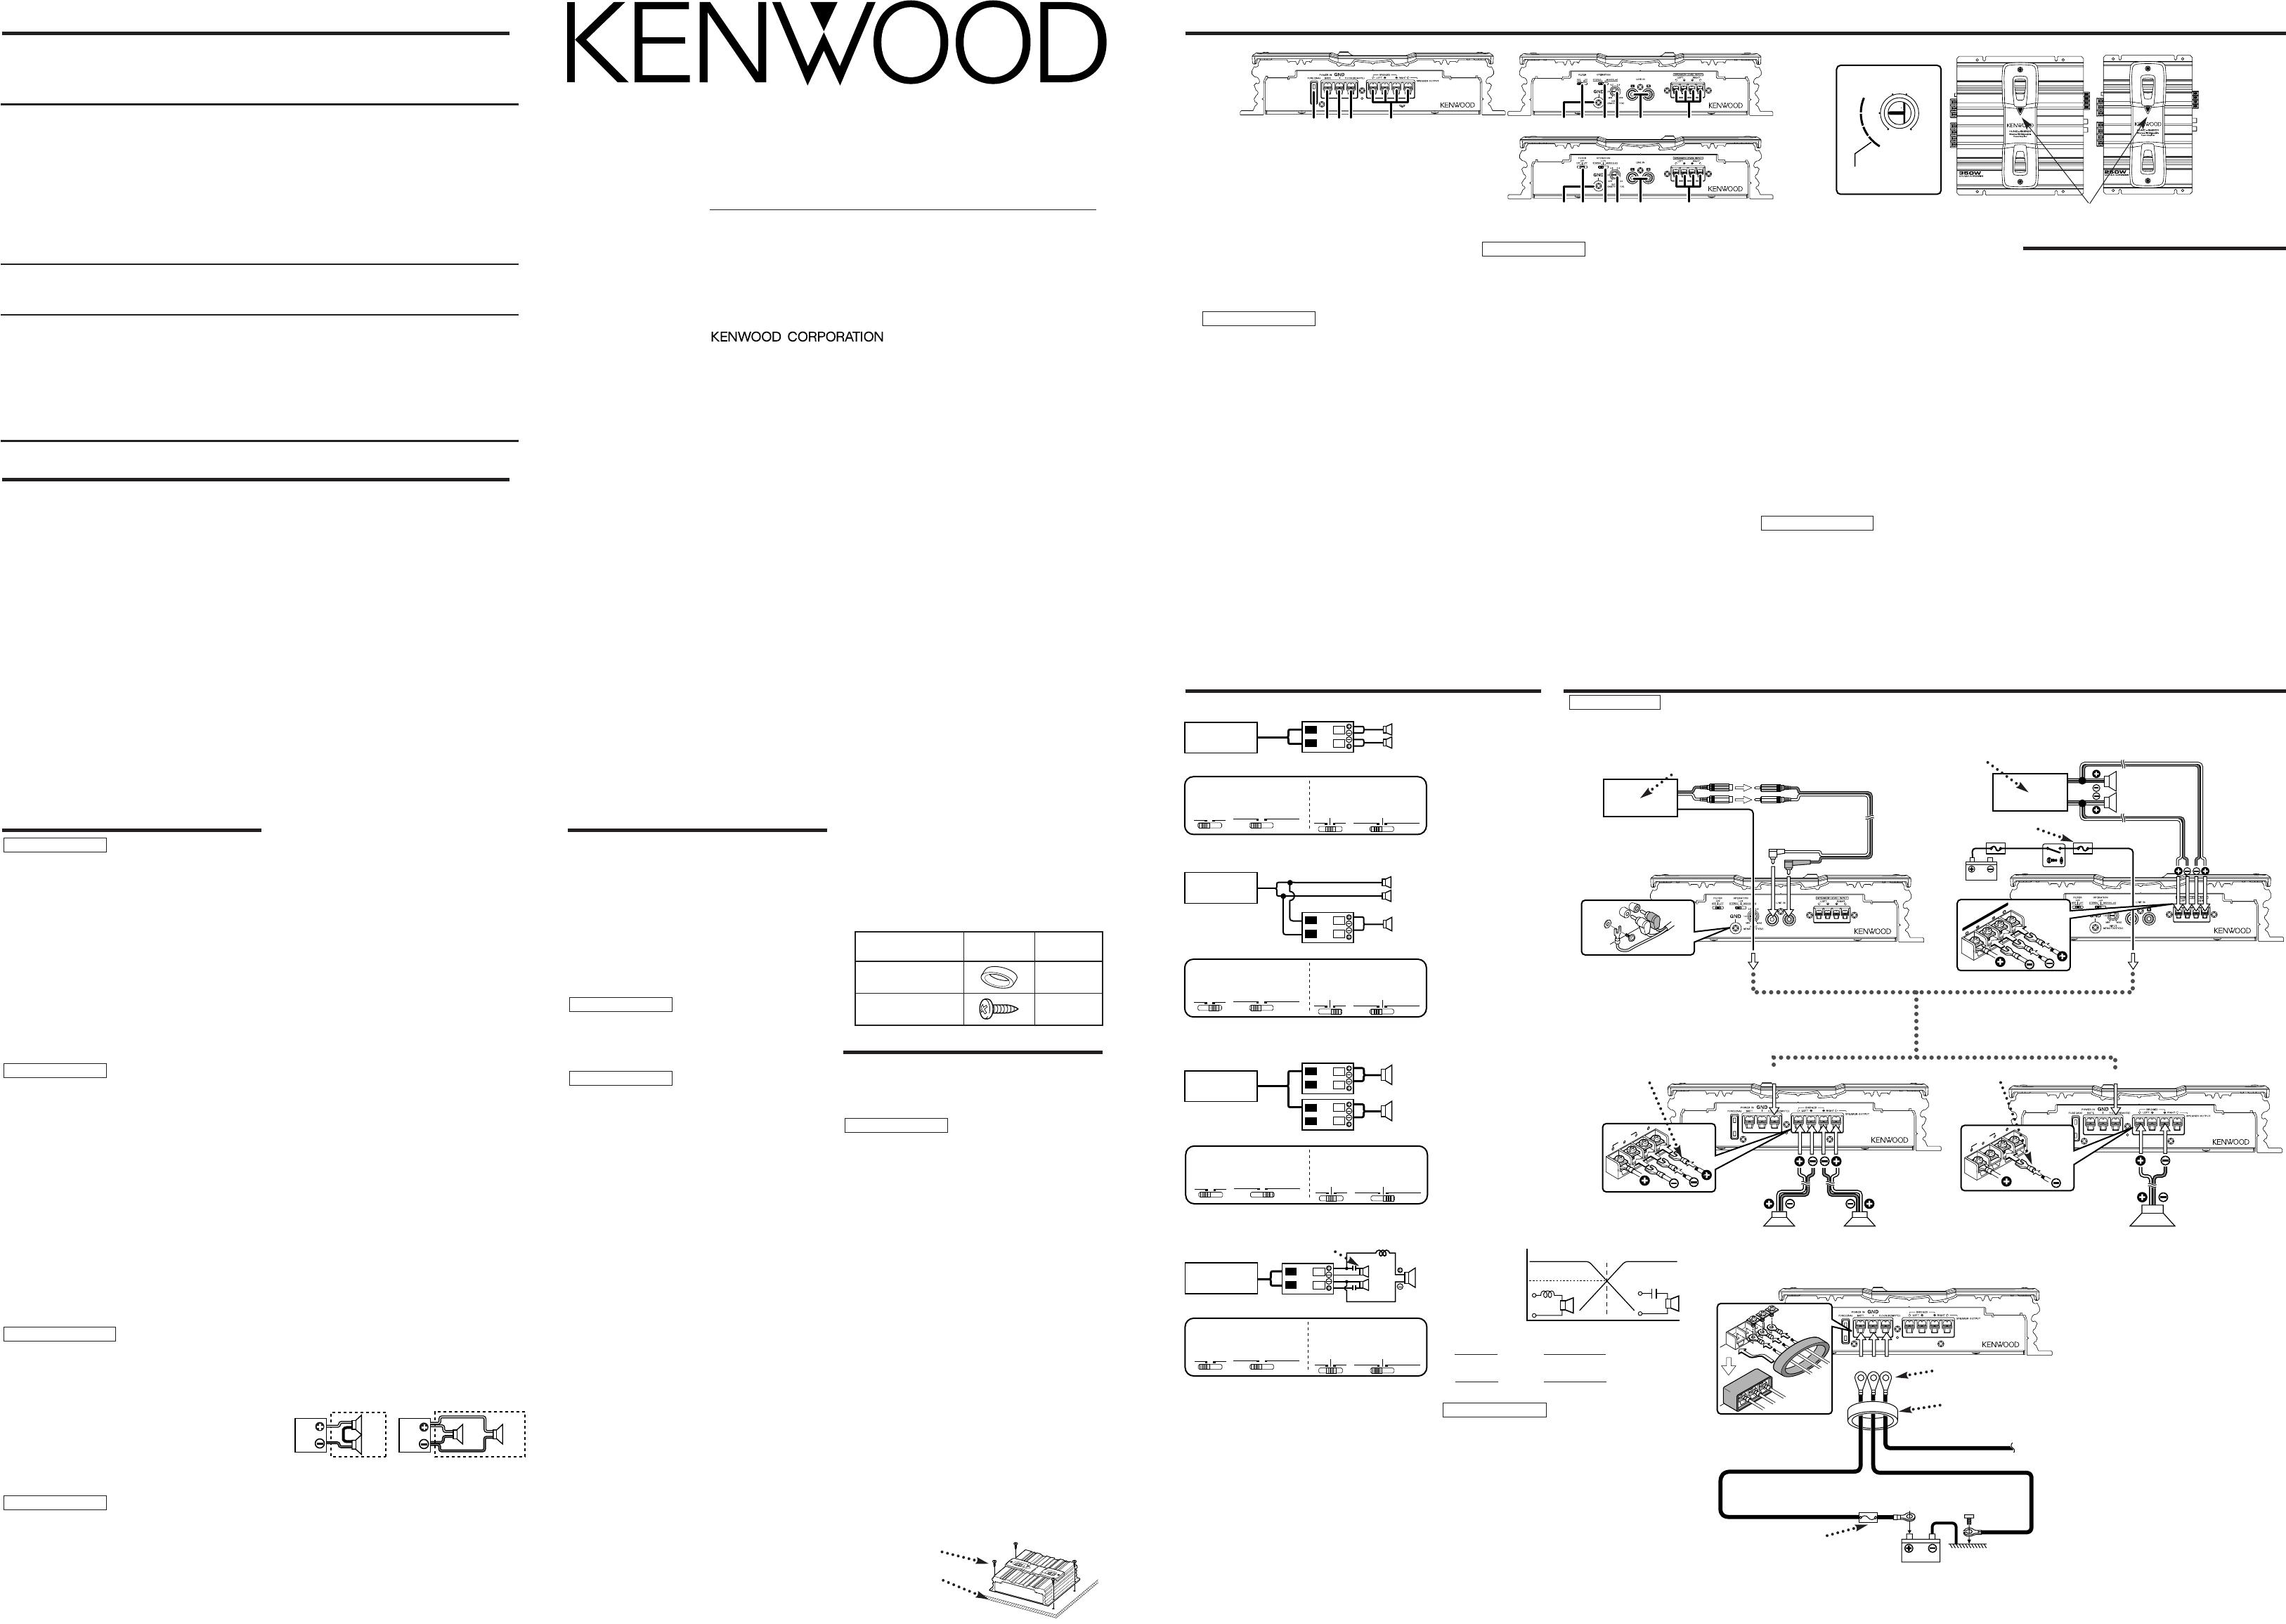 Handleiding Kenwood kac 5201 (pagina 1 van 2) (Deutsch, Nederlands)